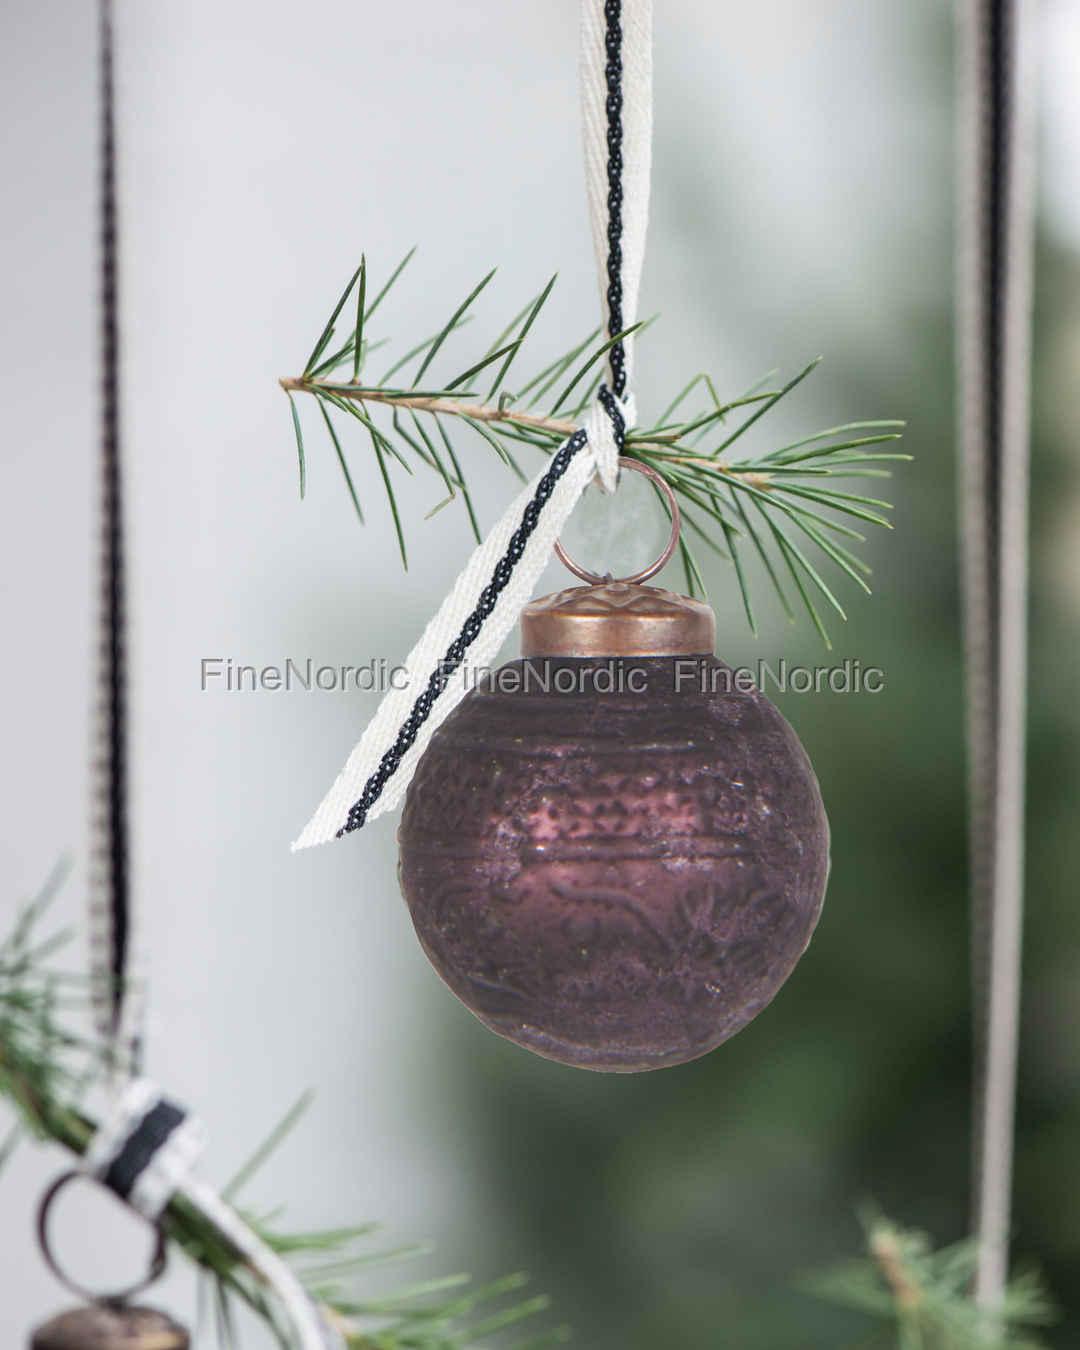 Bauernsilber Christbaumkugeln.Ib Laursen Weihnachtskugel Gemustert Bauernsilber Aubergine